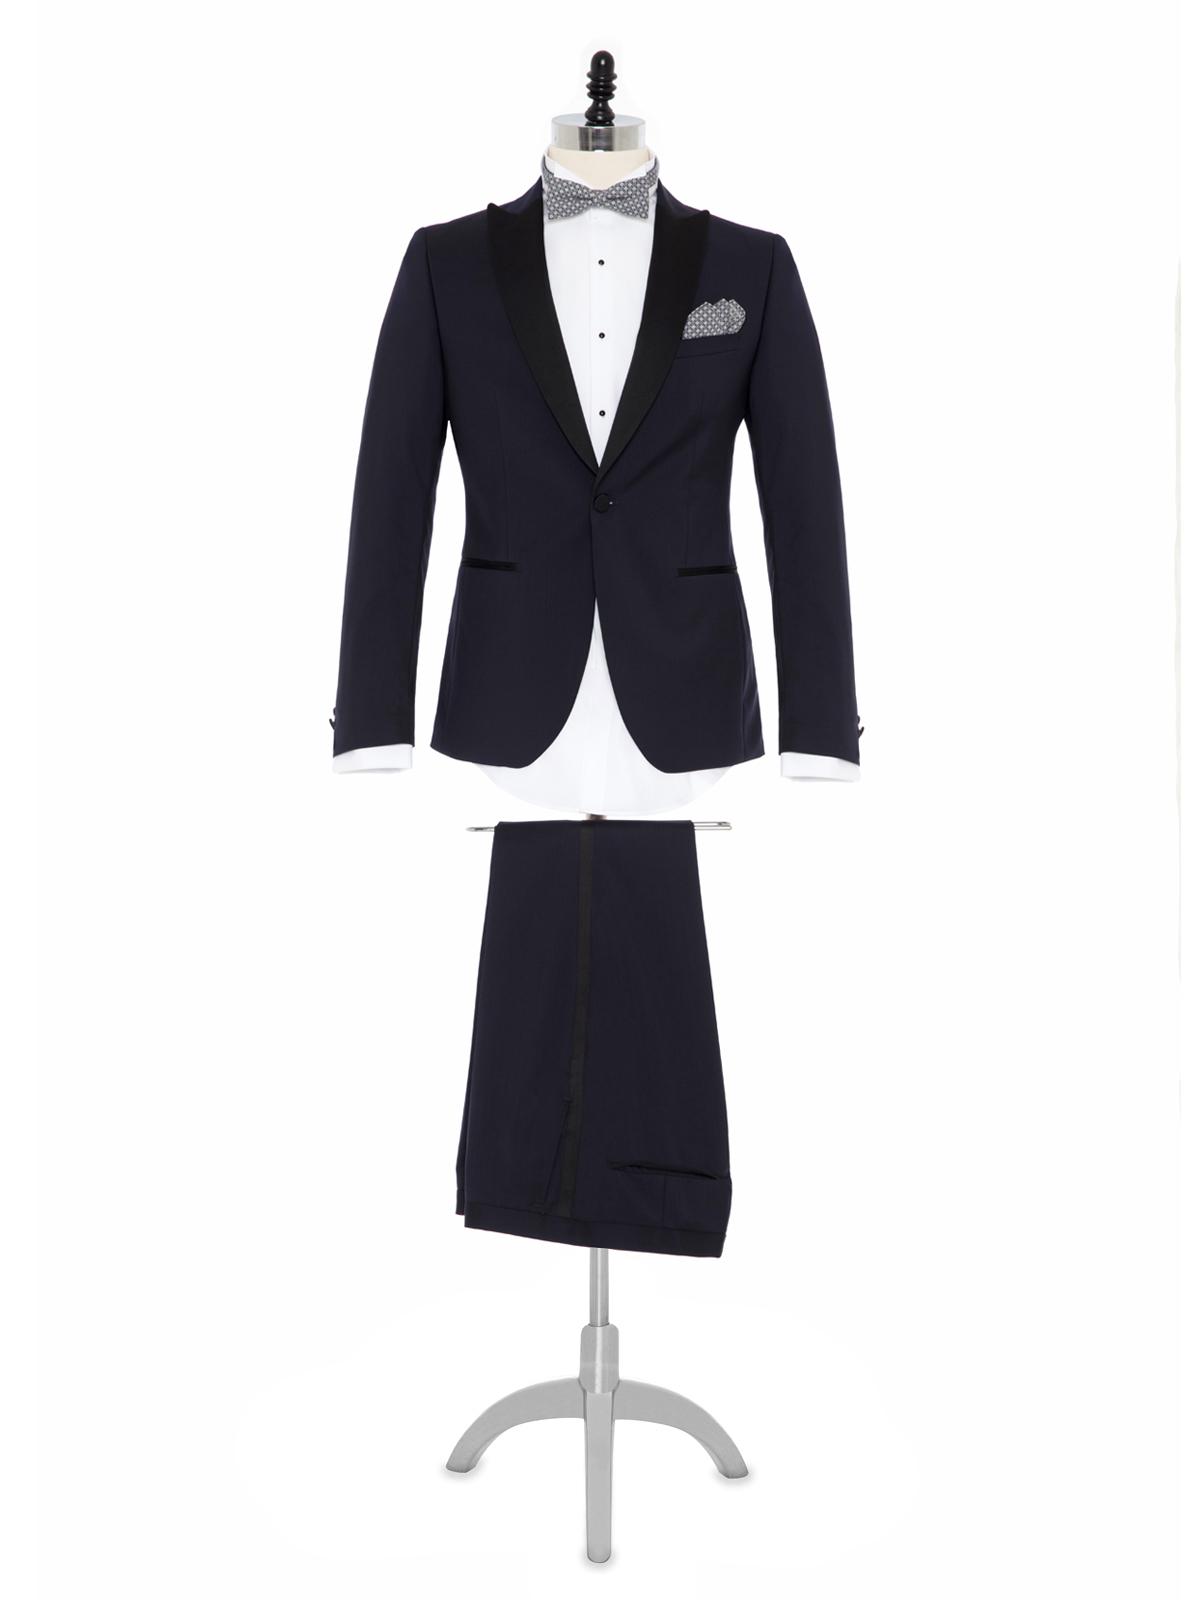 Carl Gross %100 Yün Lacivert Peak Lapel Yaka Saten Garnili Slim Fit Smokin Takım Elbise